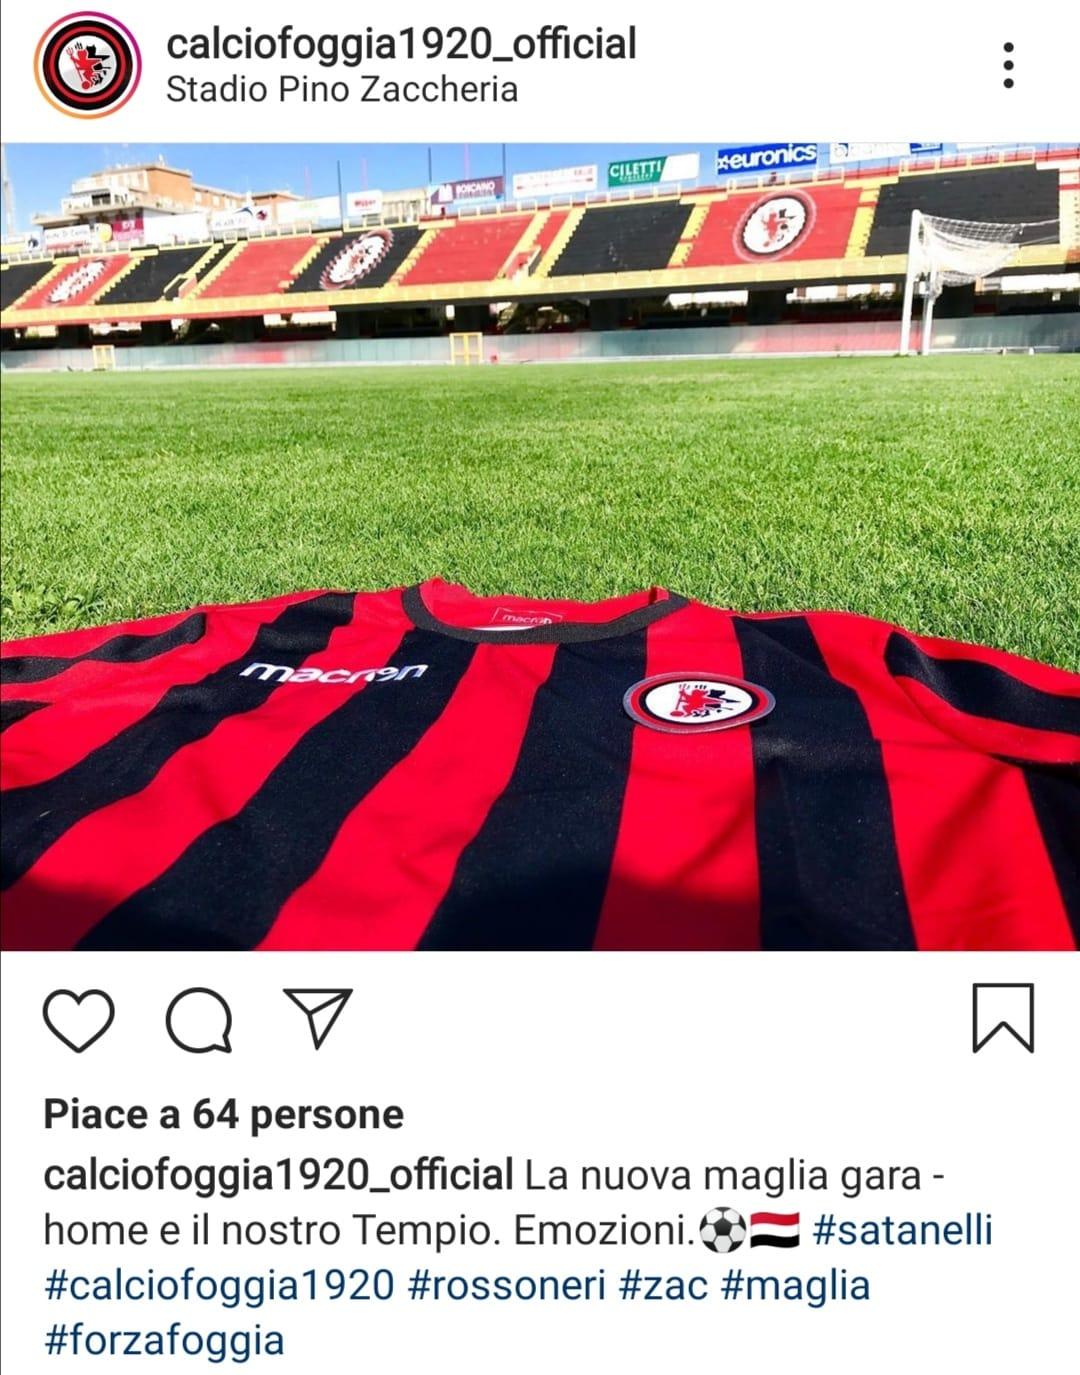 Calendario Lega Pro Foggia.Foggia Calcio Ecco Il Calendario Esordio A Fasano Foggia